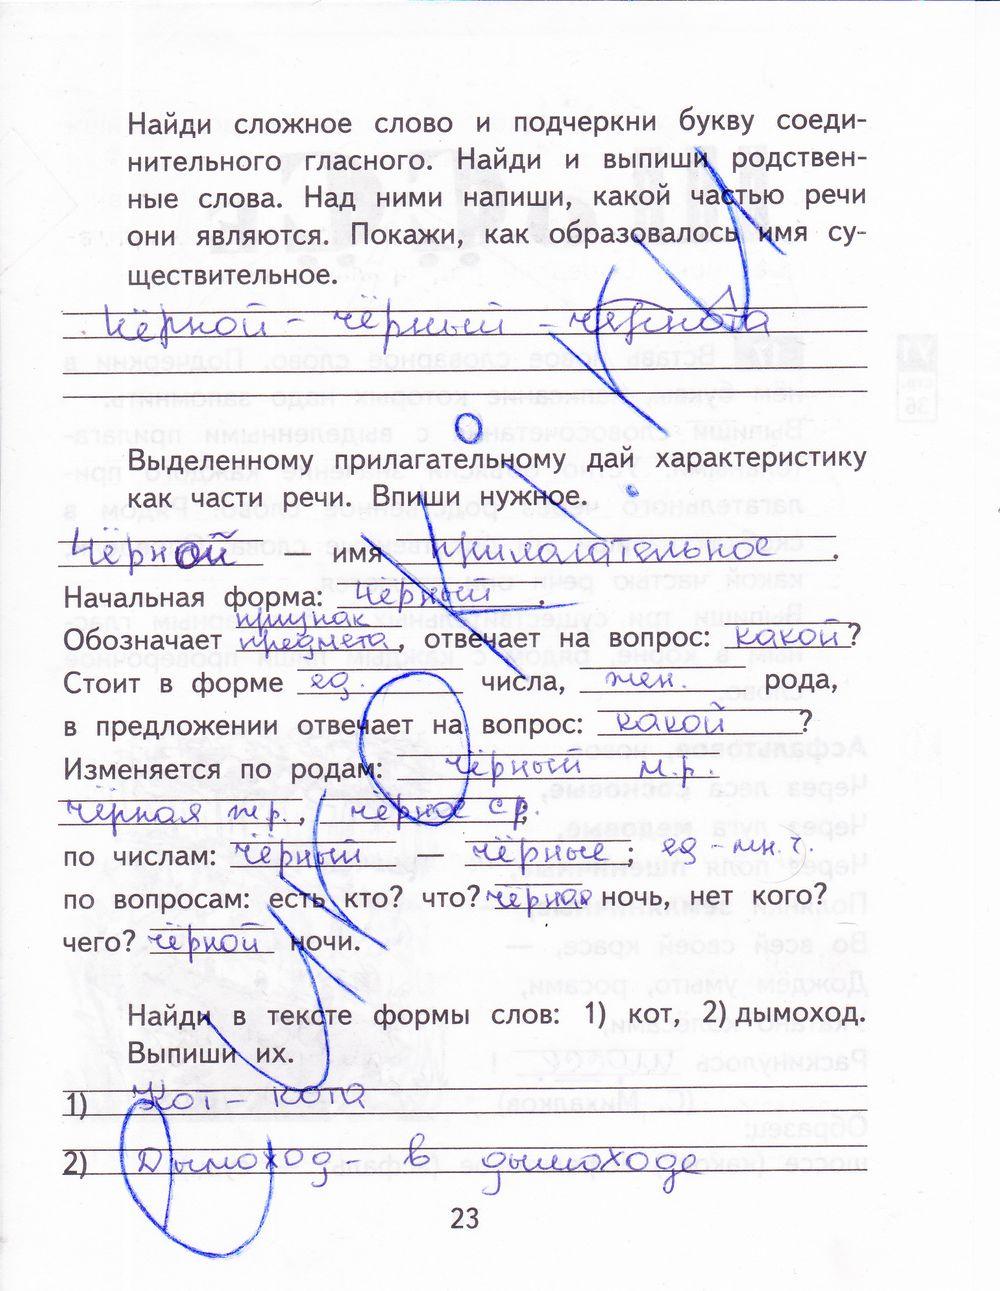 Диктант за первое полугодие по русскому языку 4класс школа россии рамзаева